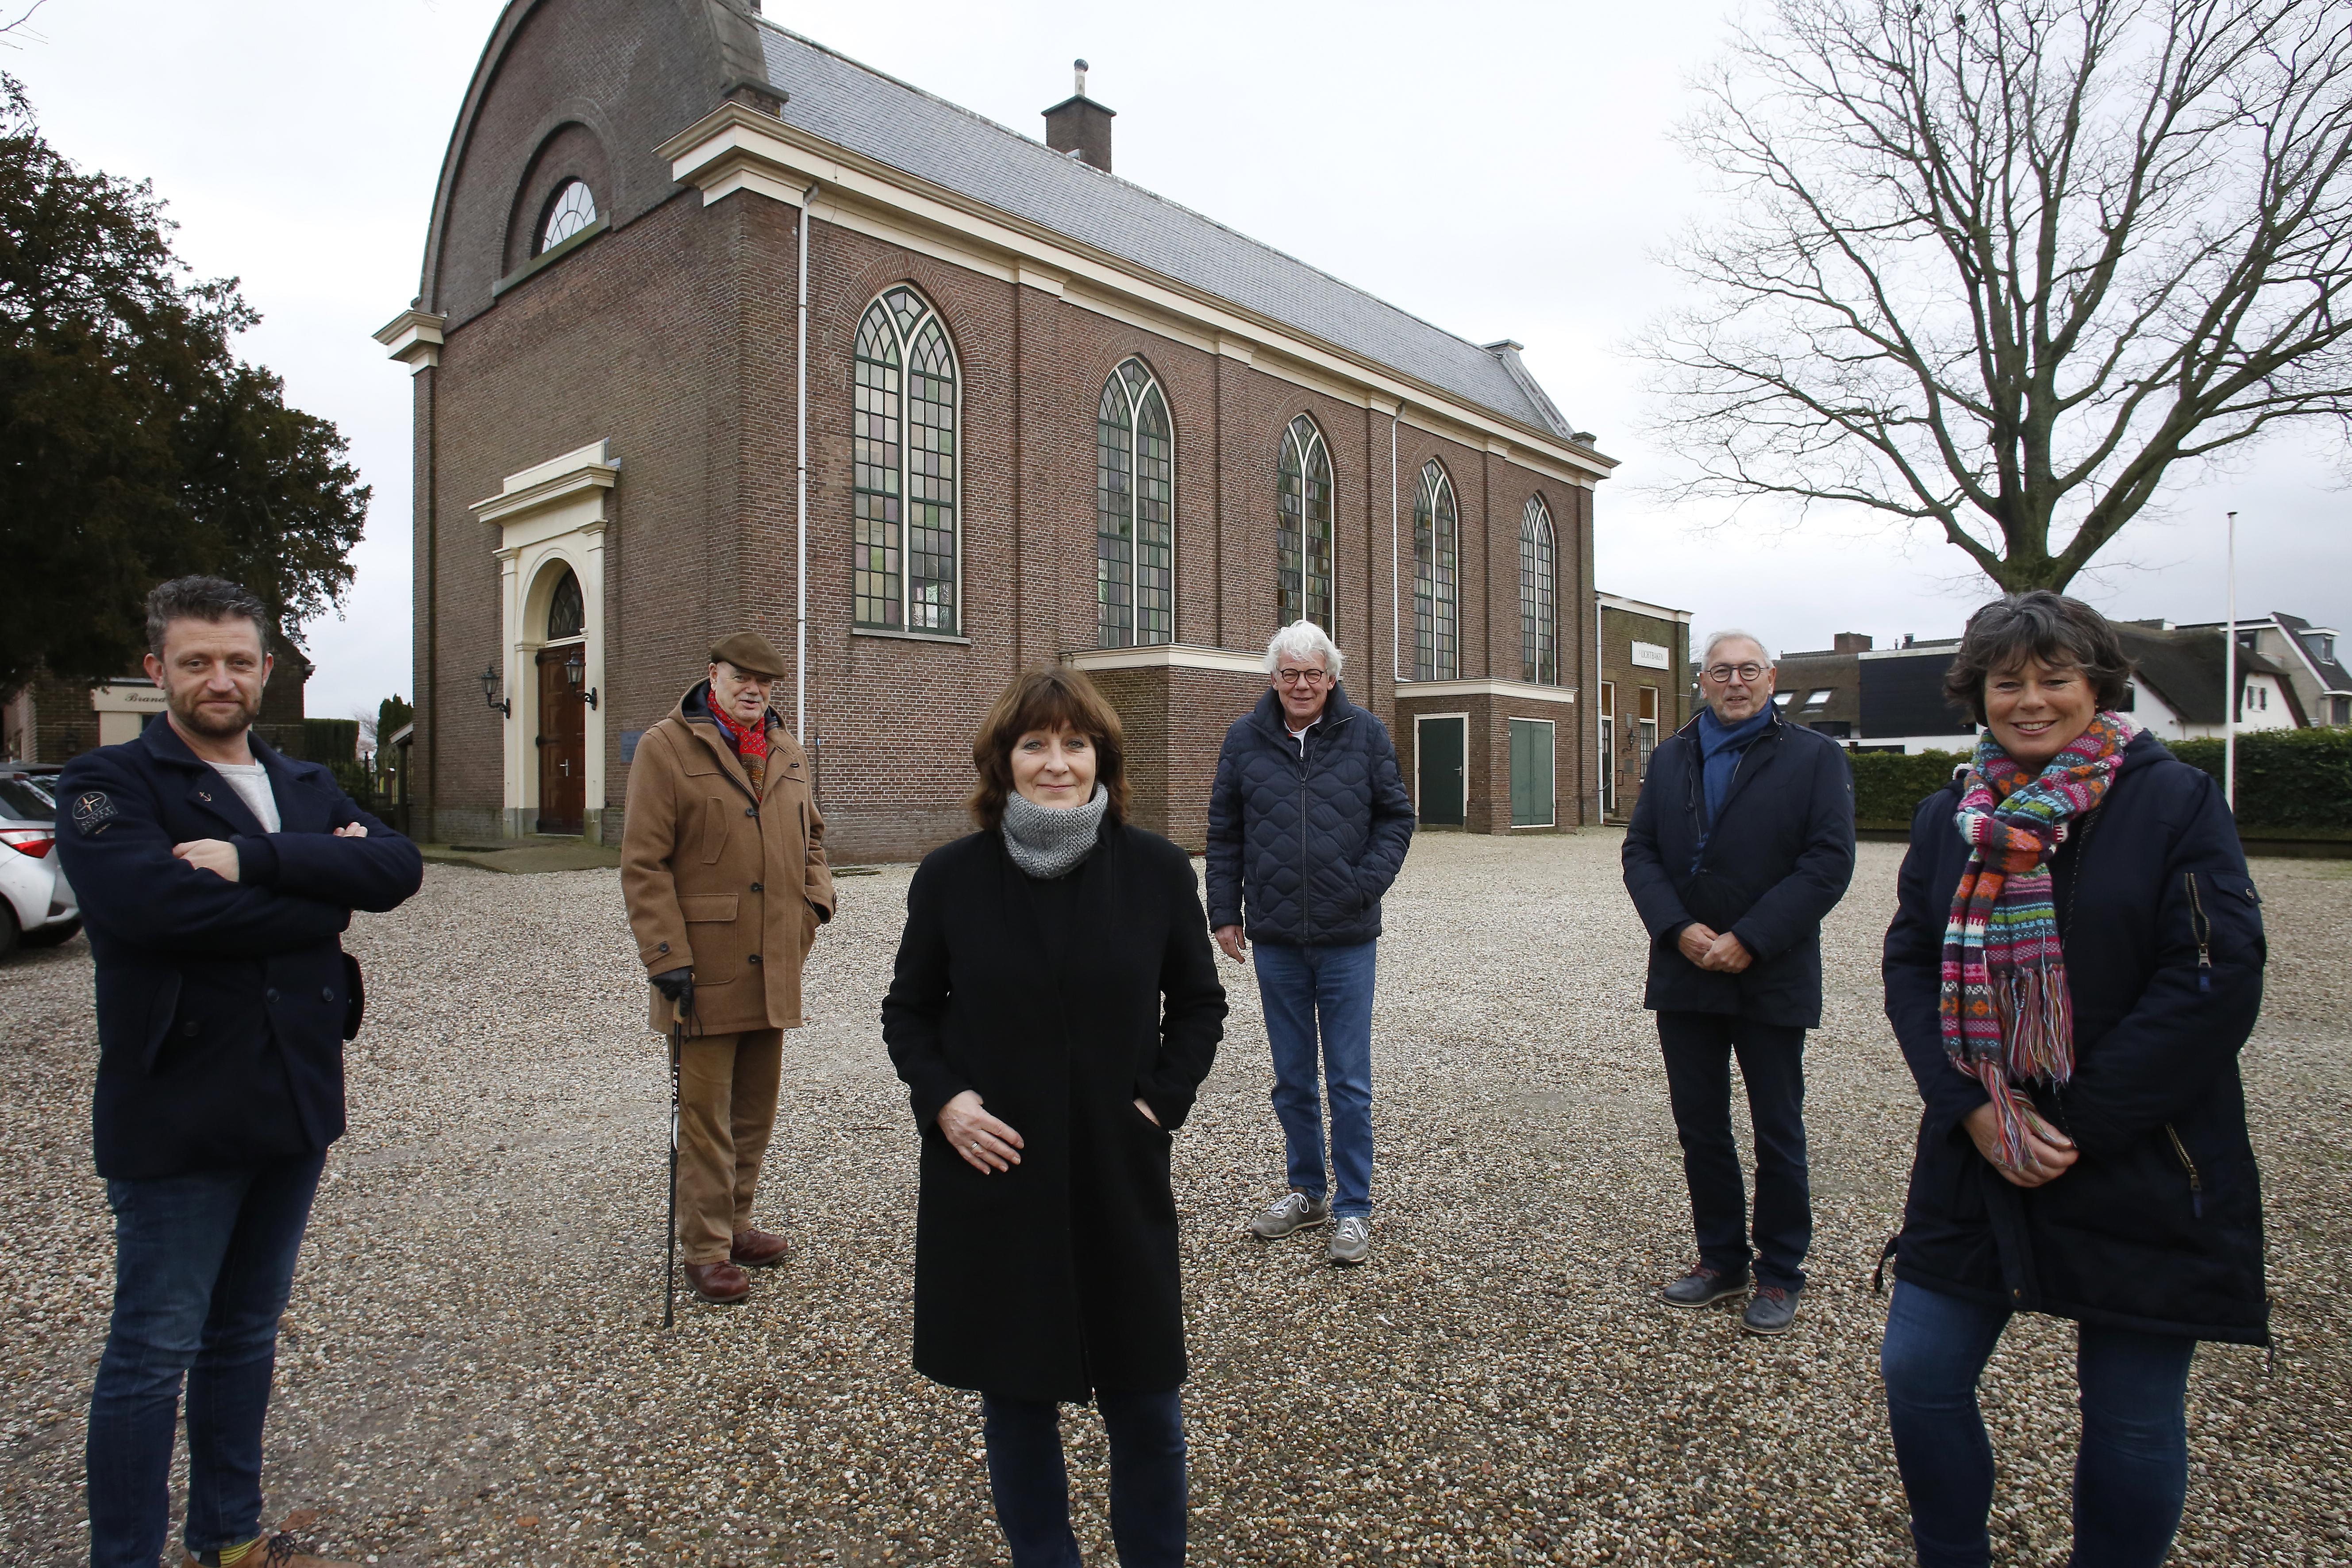 Krijgt Loosdrecht toch nog levendig dorpscentrum? Crowdfunding voor plan leegstaande Loosdrechtse NH-kerk moet ruim een miljoen opleveren